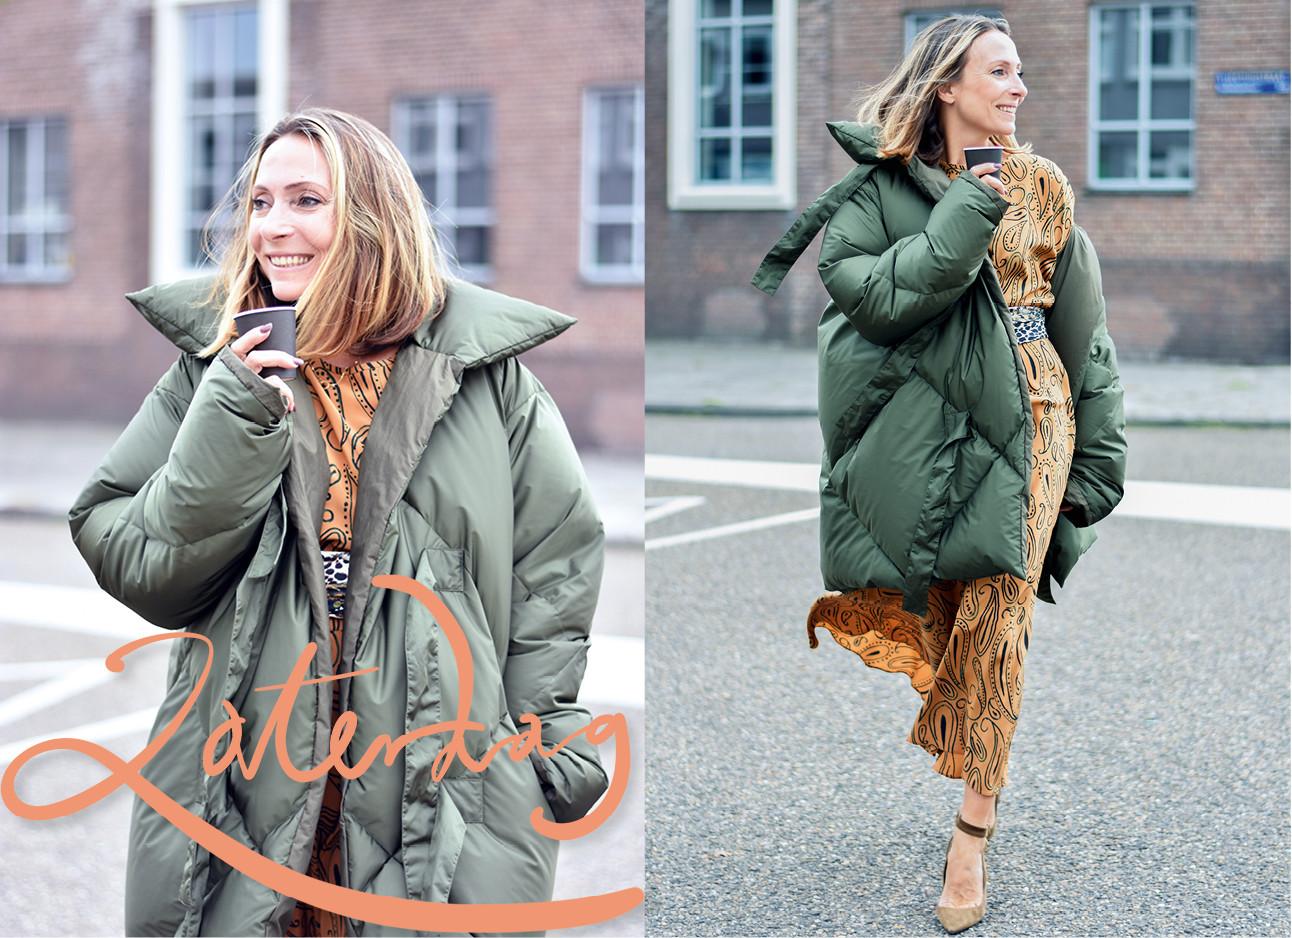 May die een donker groene jas draagt met daaronder een oranje jurk, ze loopt midden op straat